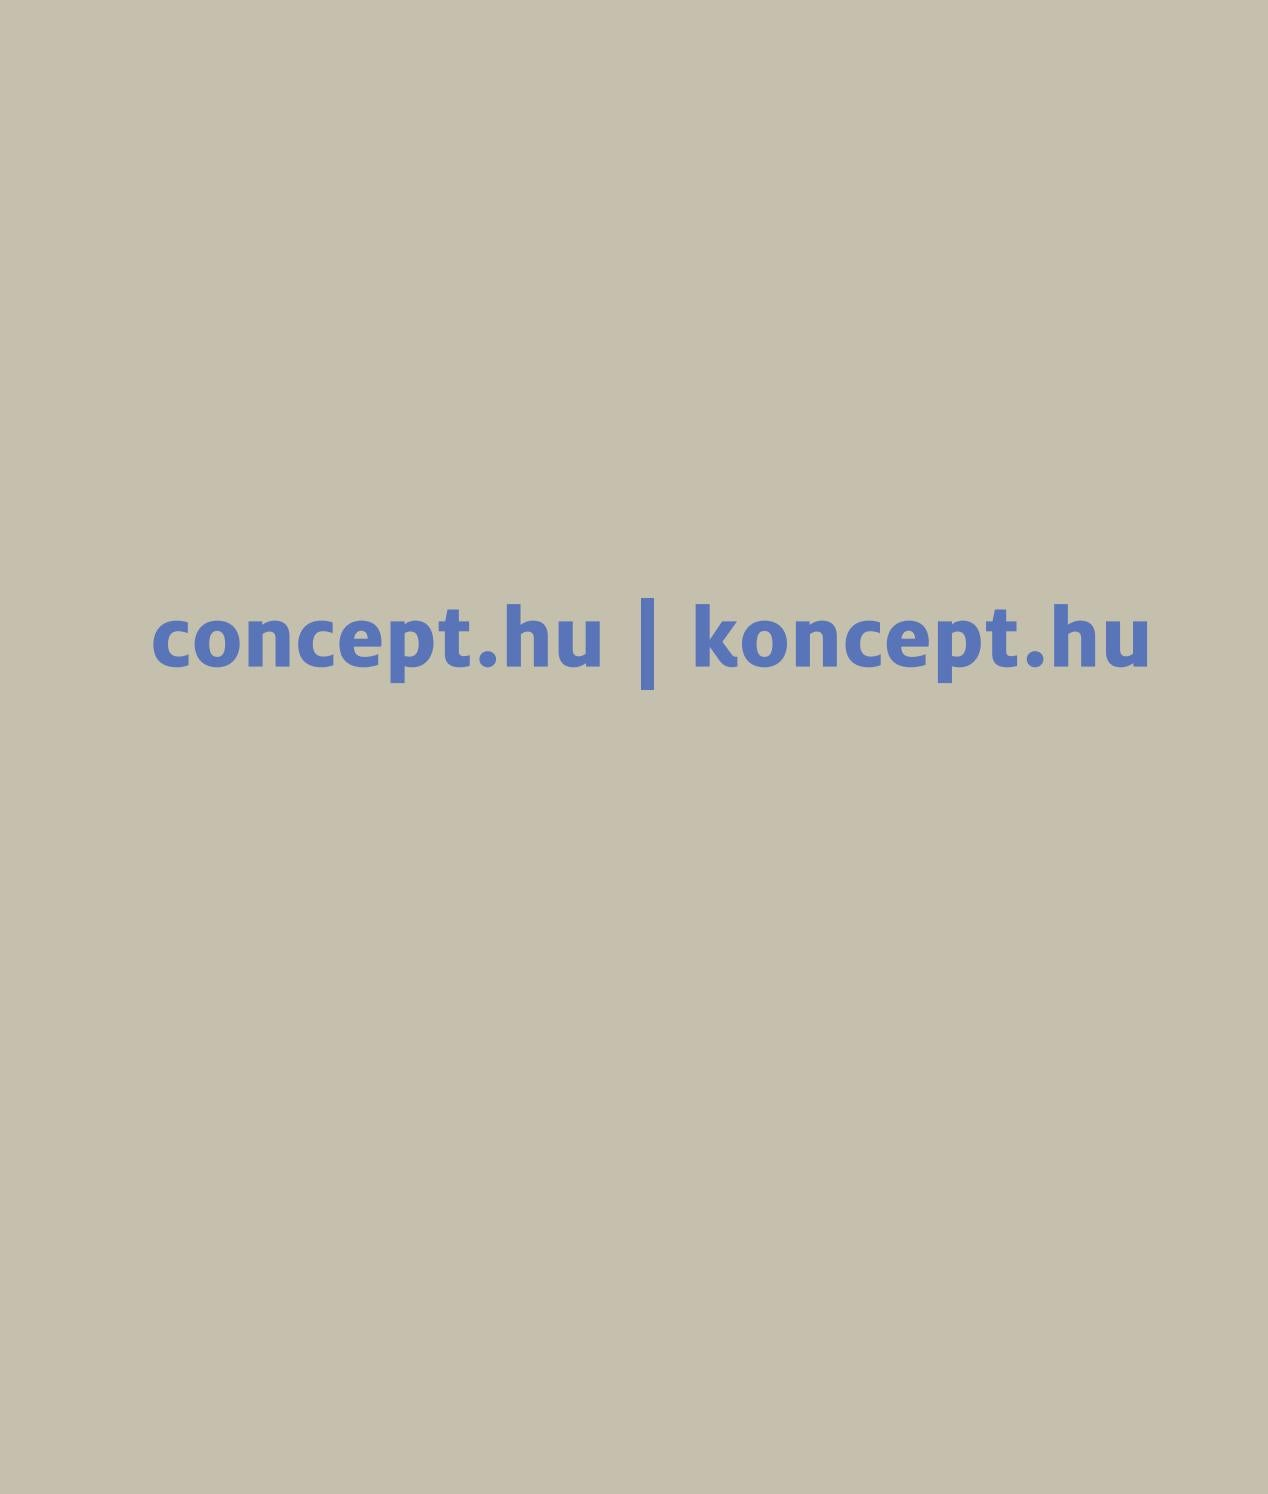 az összes közös készítmény felsorolása krém ízeltlábúak hivatalos honlapja